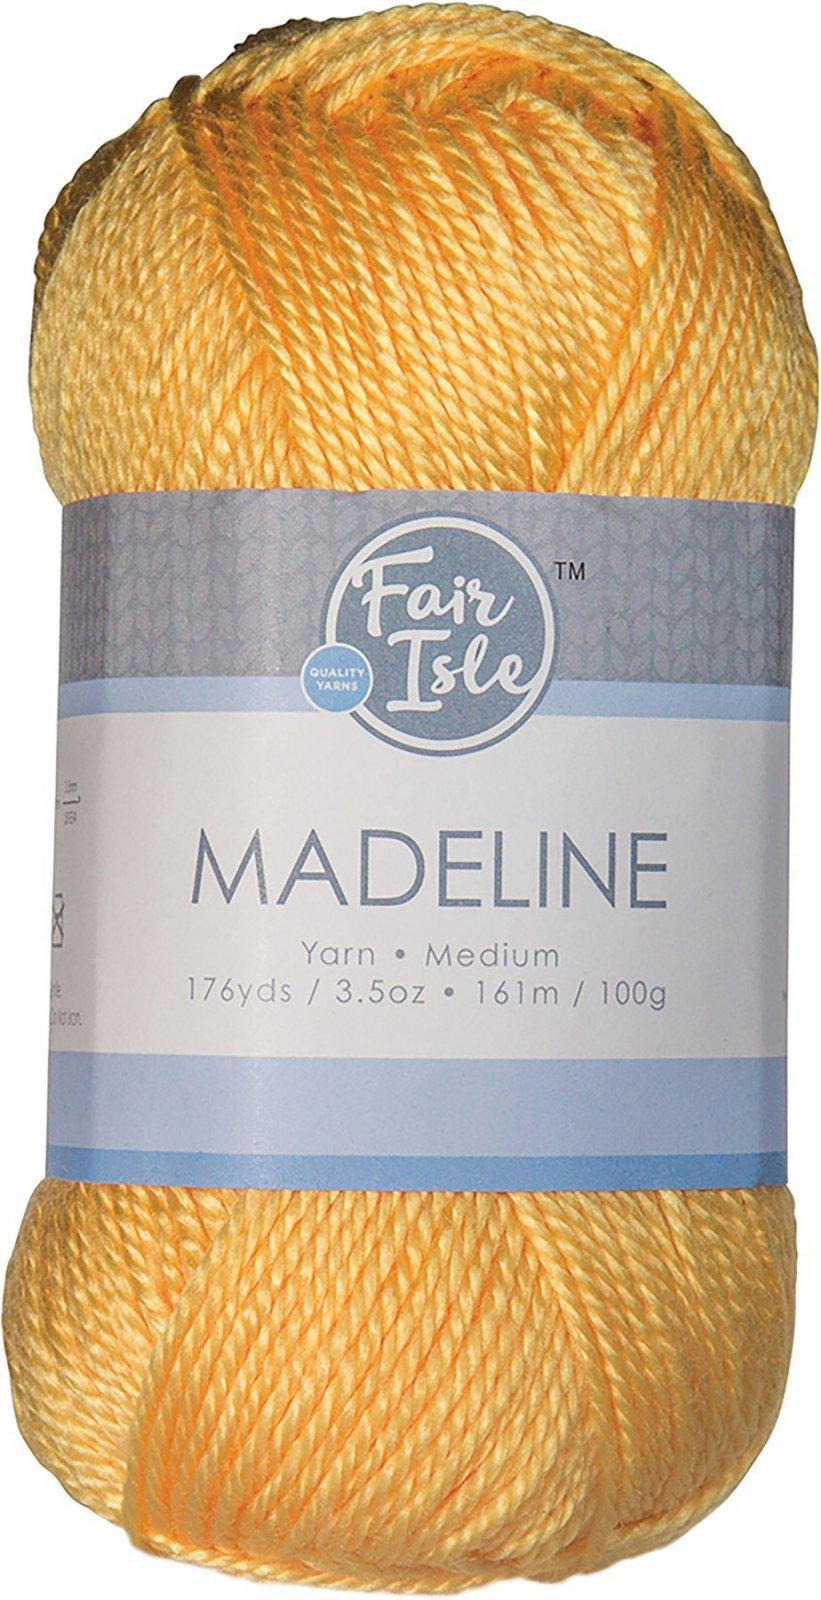 Fair Isle - Madeline - Flax